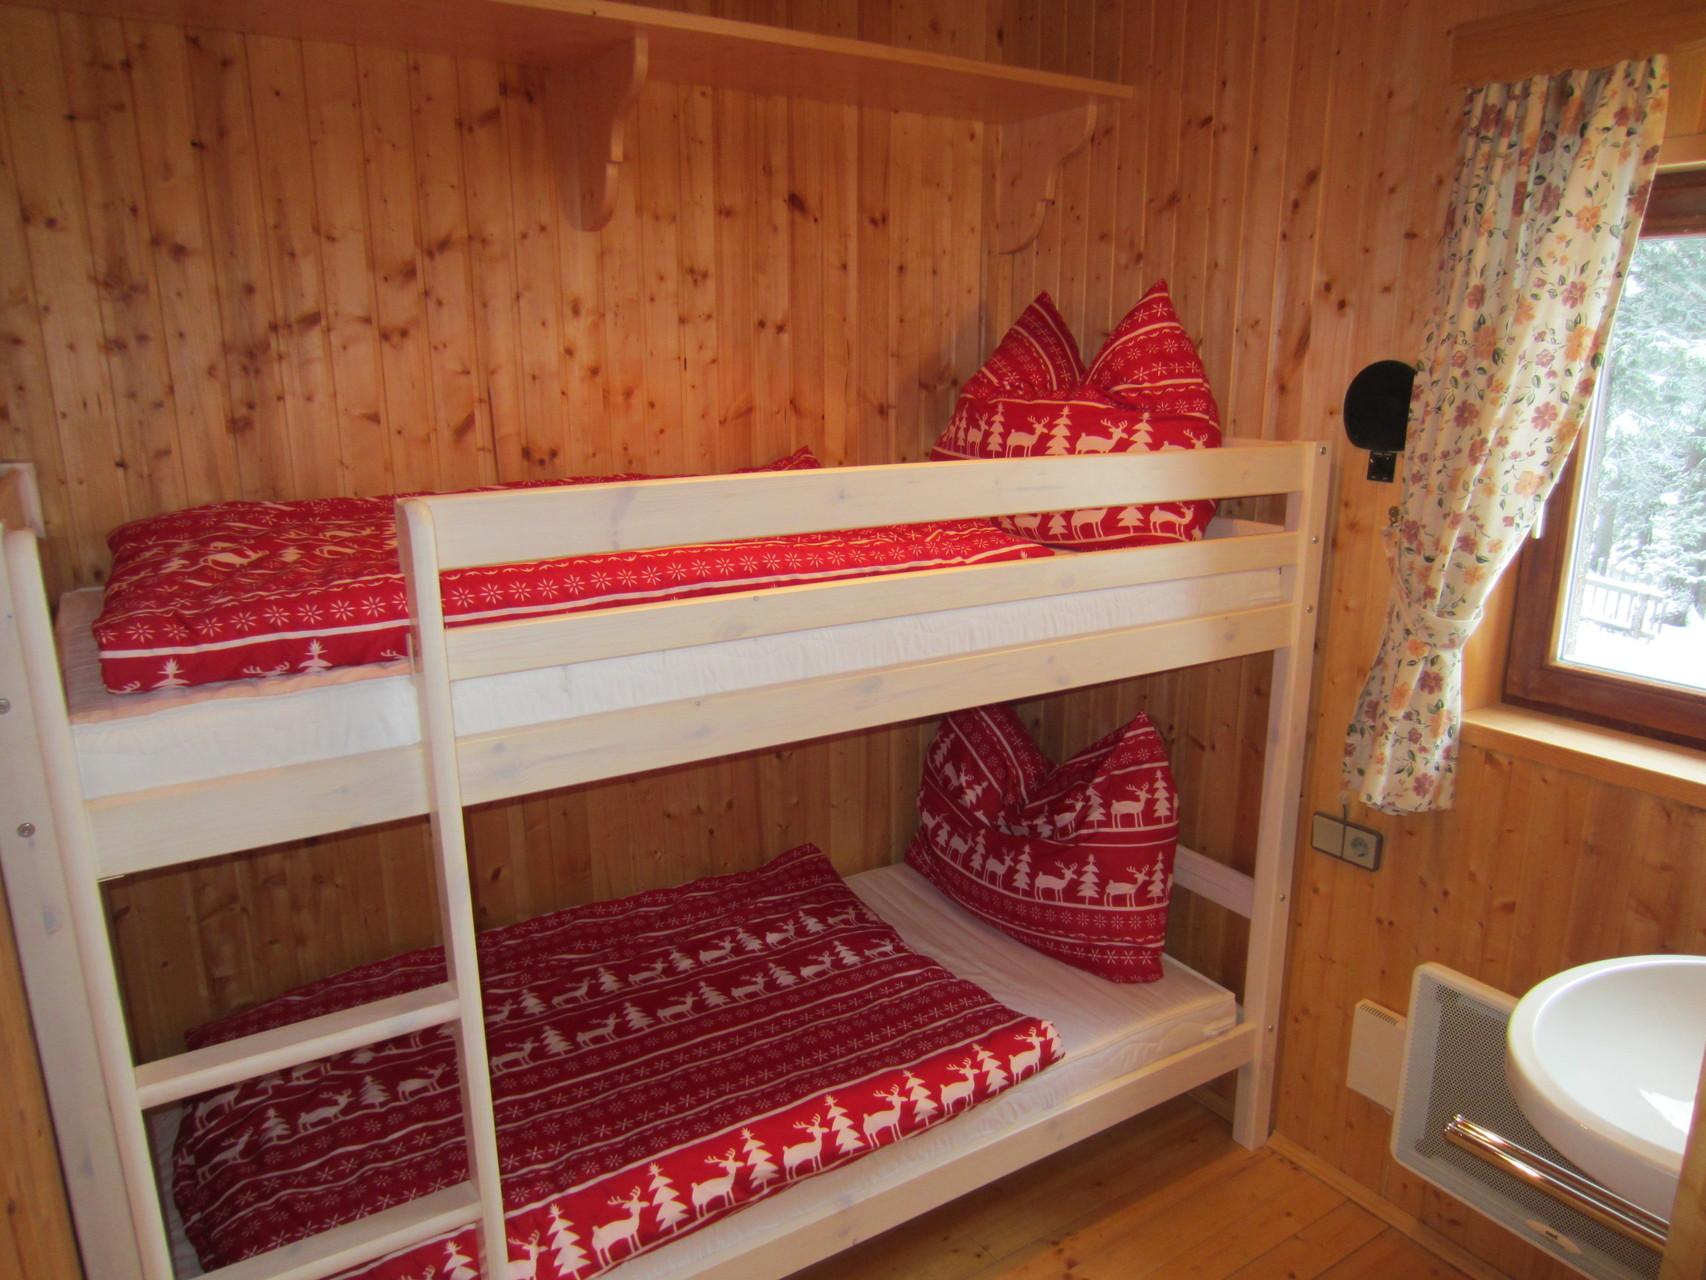 Zirbenwald Lodge - Kinderzimmer mit Stockbett und Waschgelegenheit im Wohngeschoss